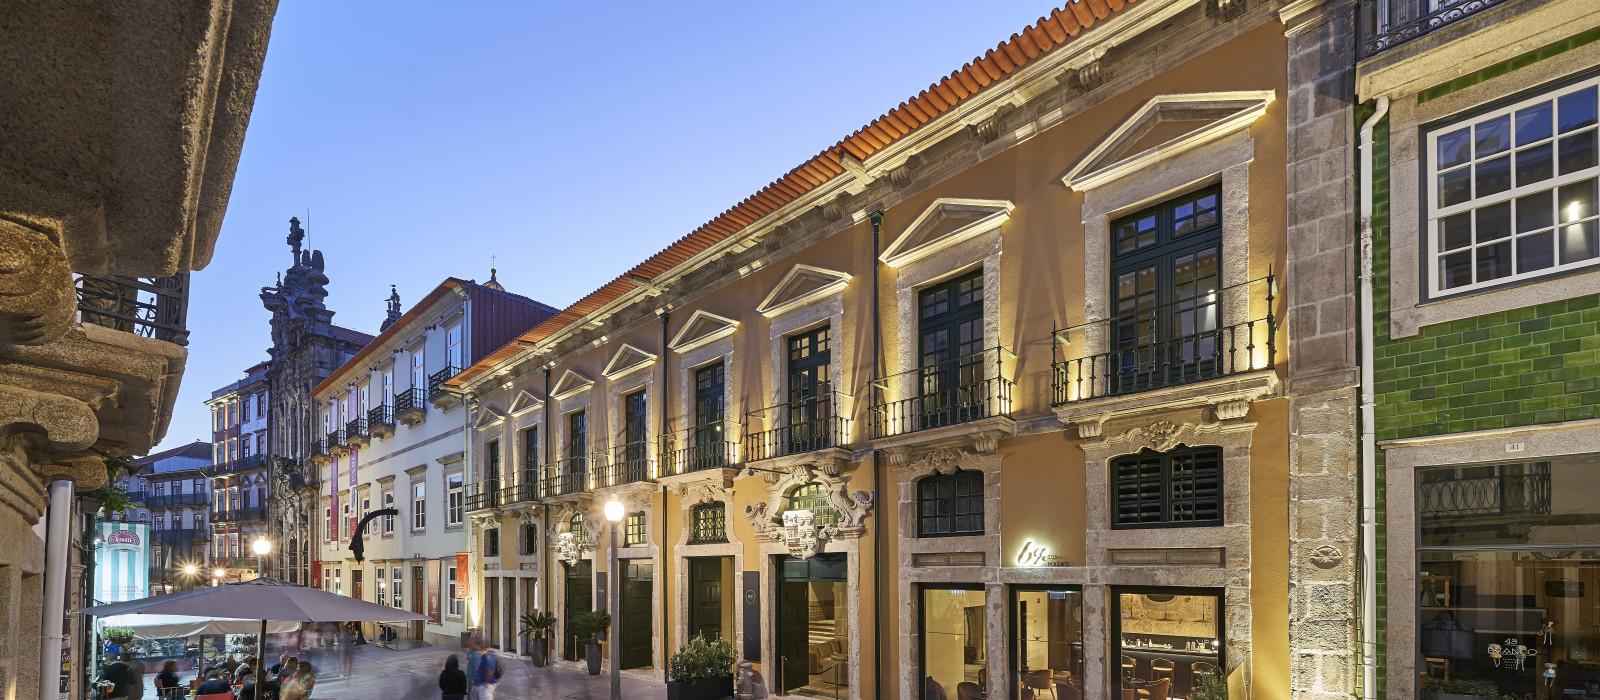 Hotel PortoBay Flores Portugal